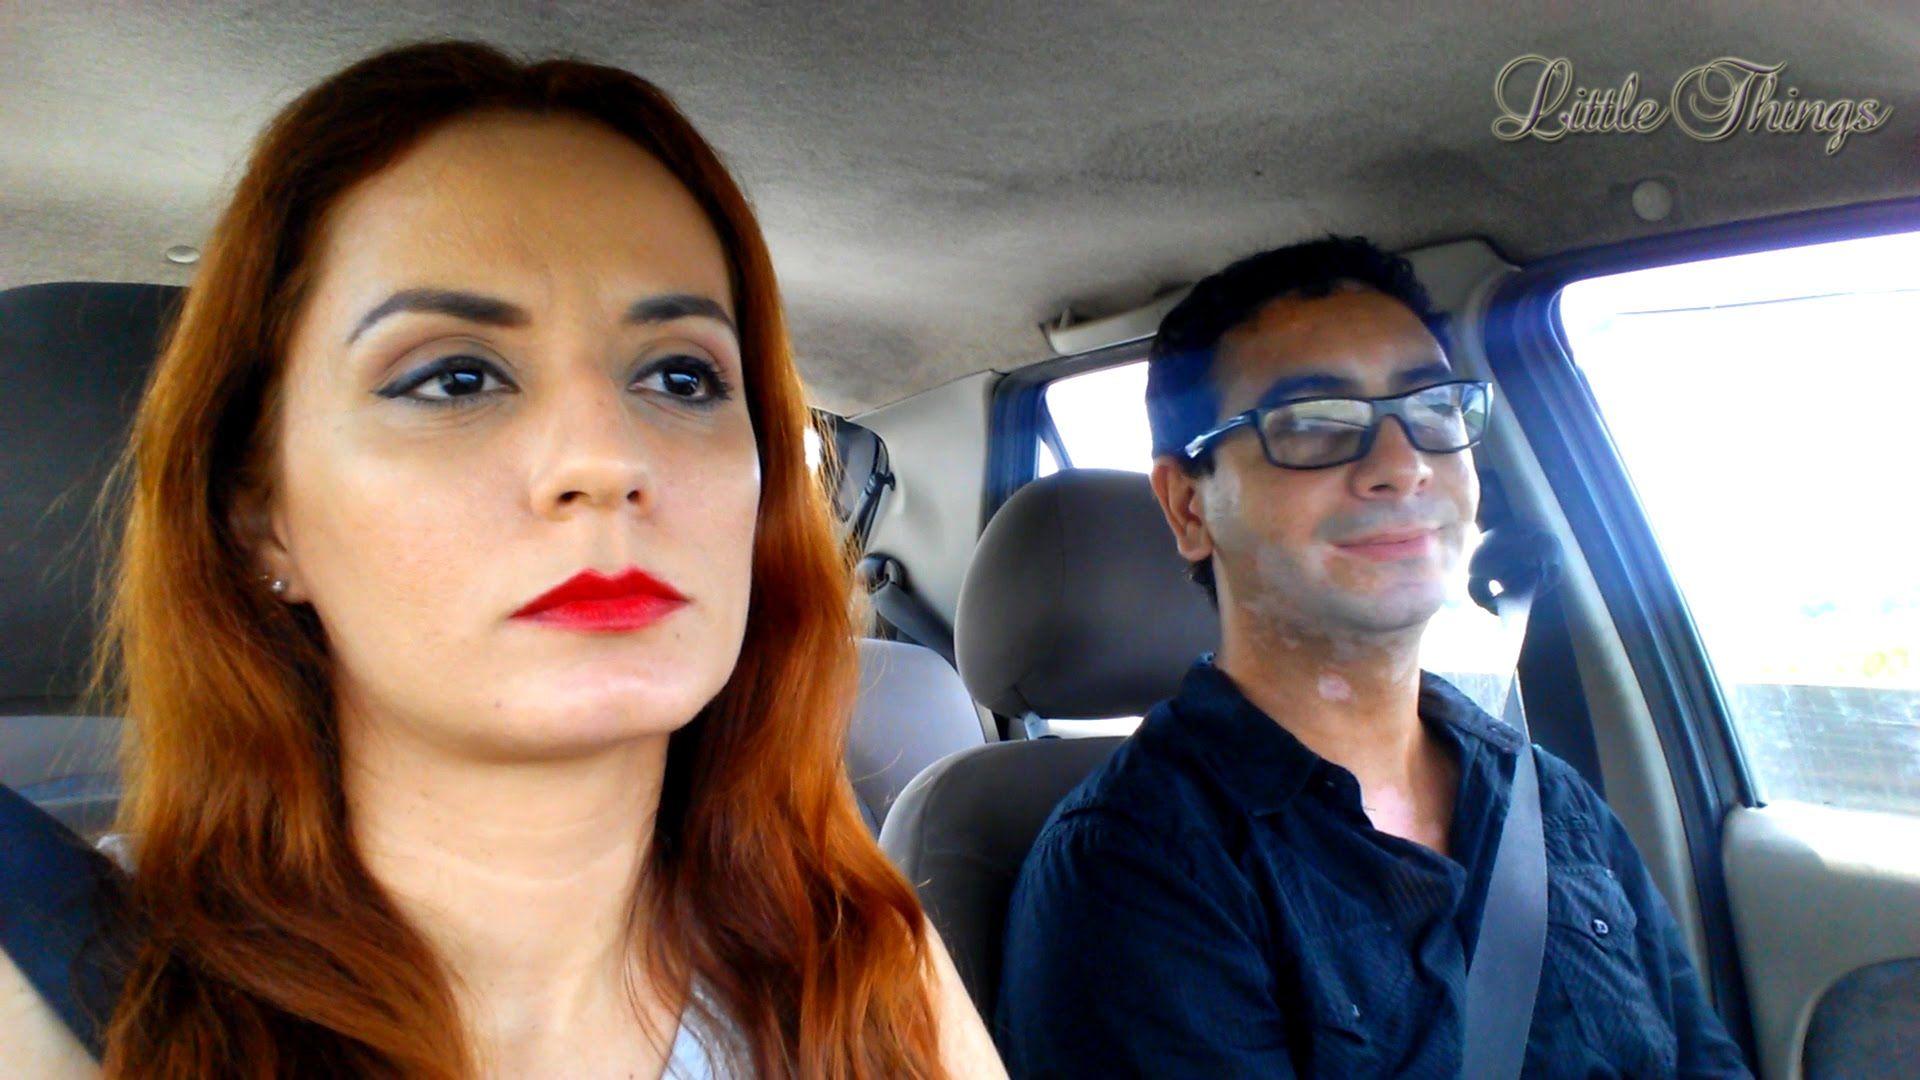 Imprevistos na Estrada: Do Rio de Janeiro à Holambra